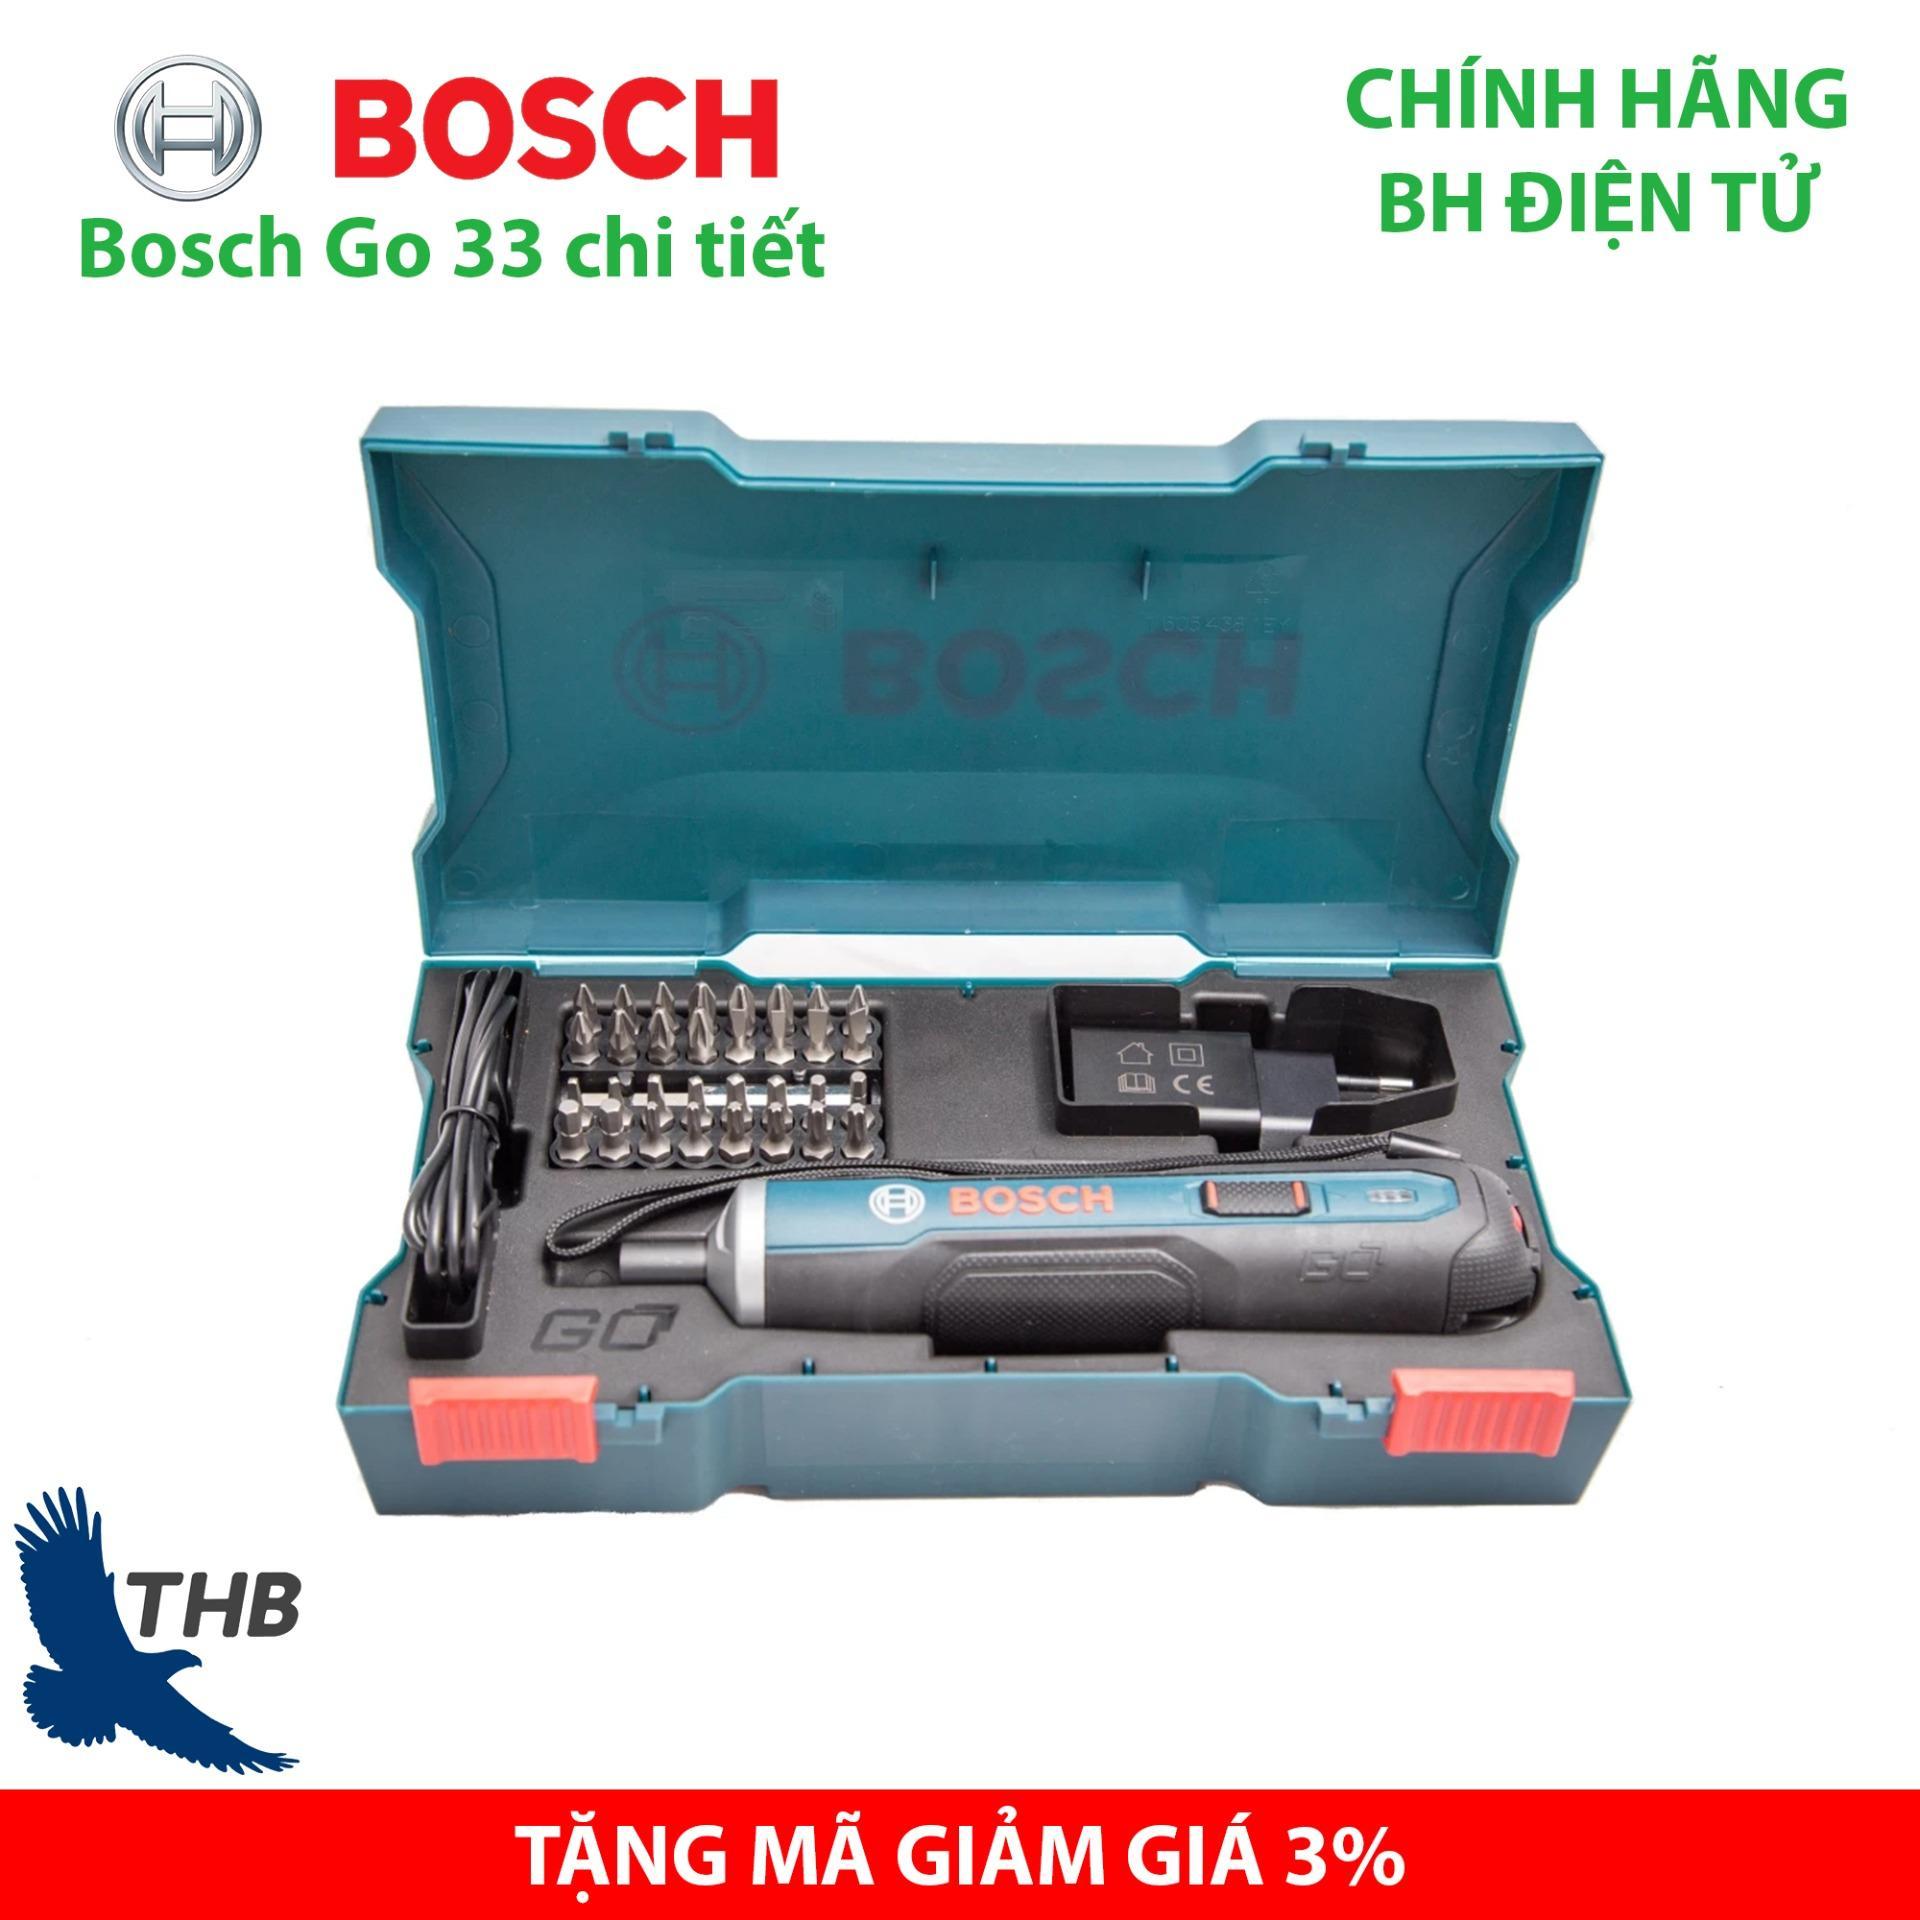 Máy vặn vít Máy bắt vít cầm tay dùng pin Bosch Go 33 chi tiết Pin 3.6V 1.5Ah Xuất xứ Malaysia